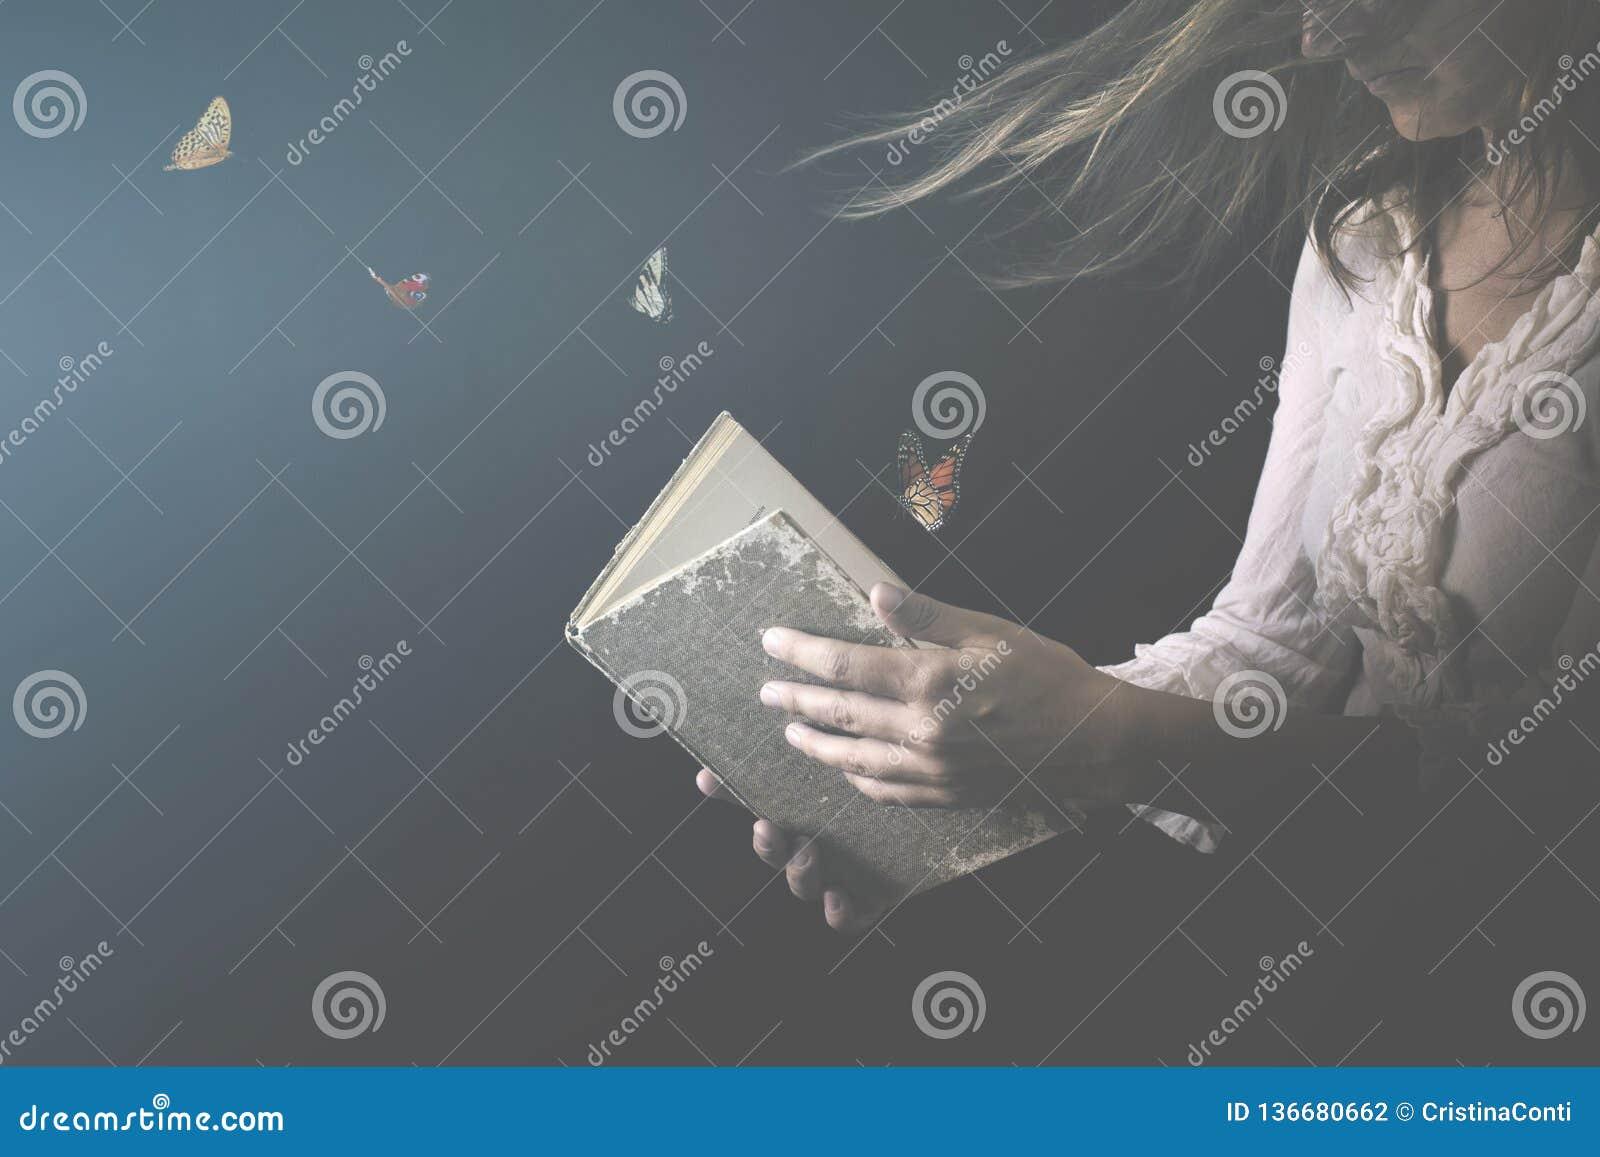 Magische Schmetterlinge kommen aus ein Buch heraus, das von einer Frau gelesen wird